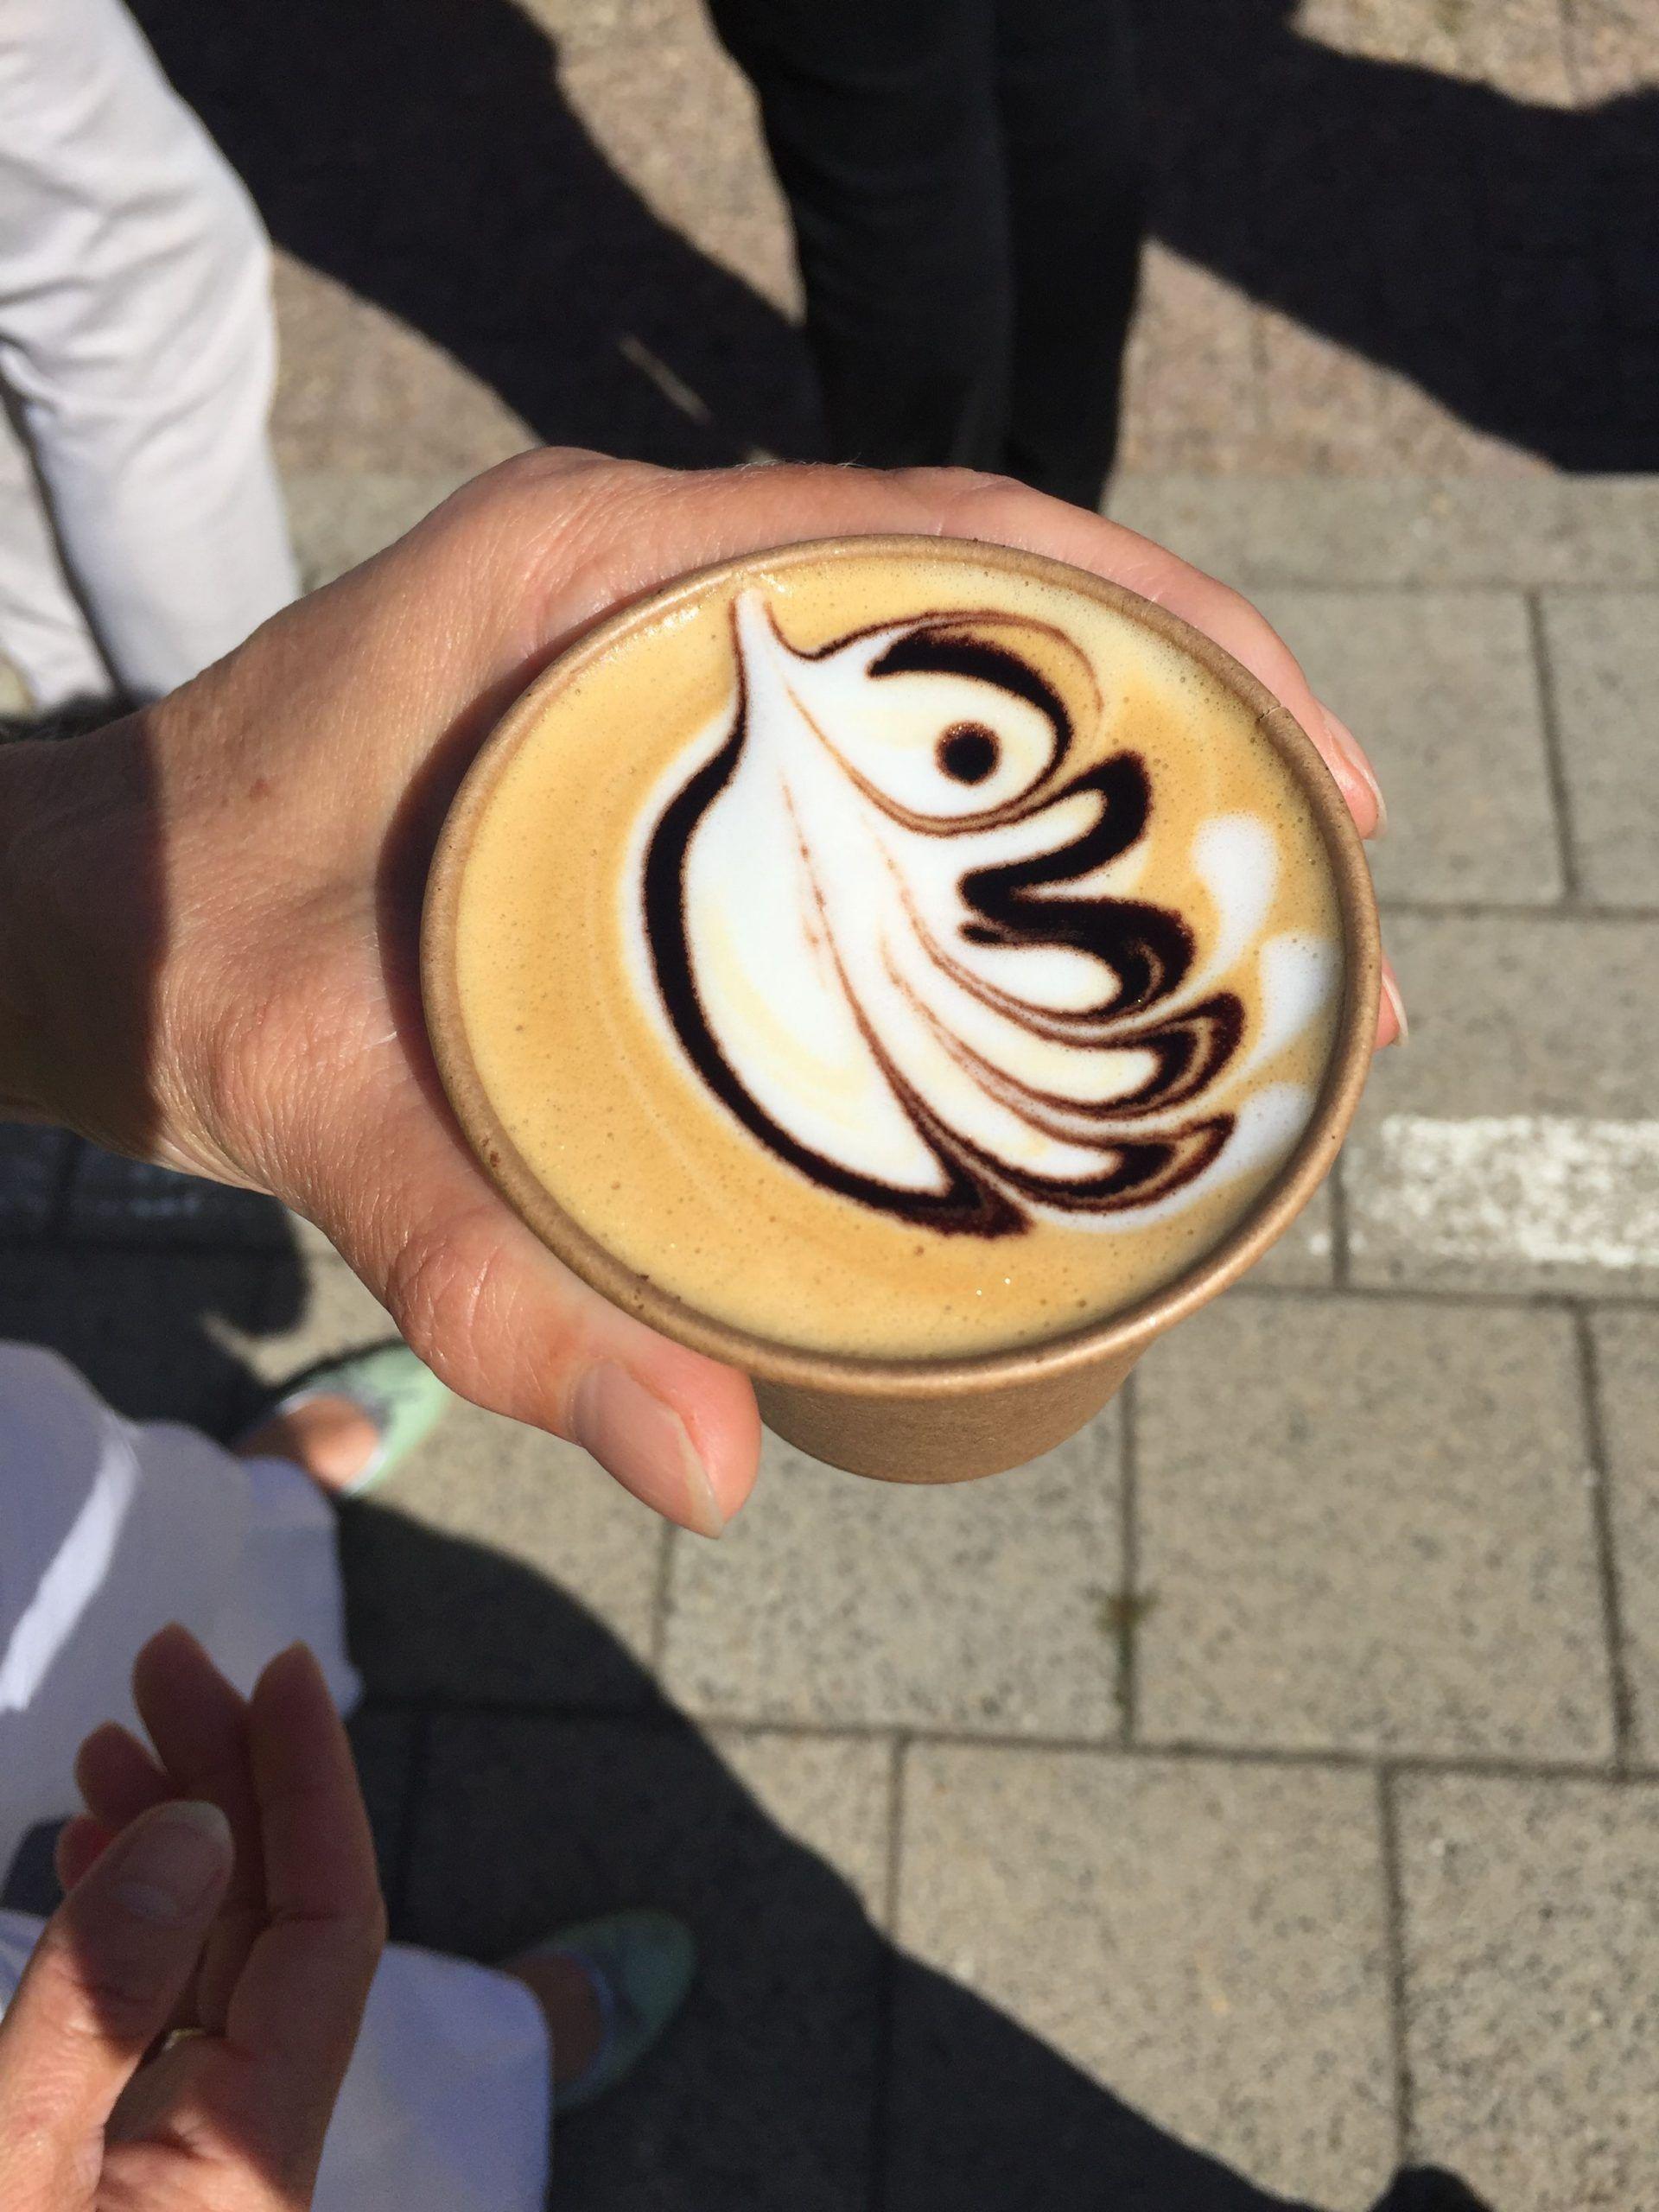 Koffie tijdens de lifestyle beurs is verkrijgbaar bij Barista Company